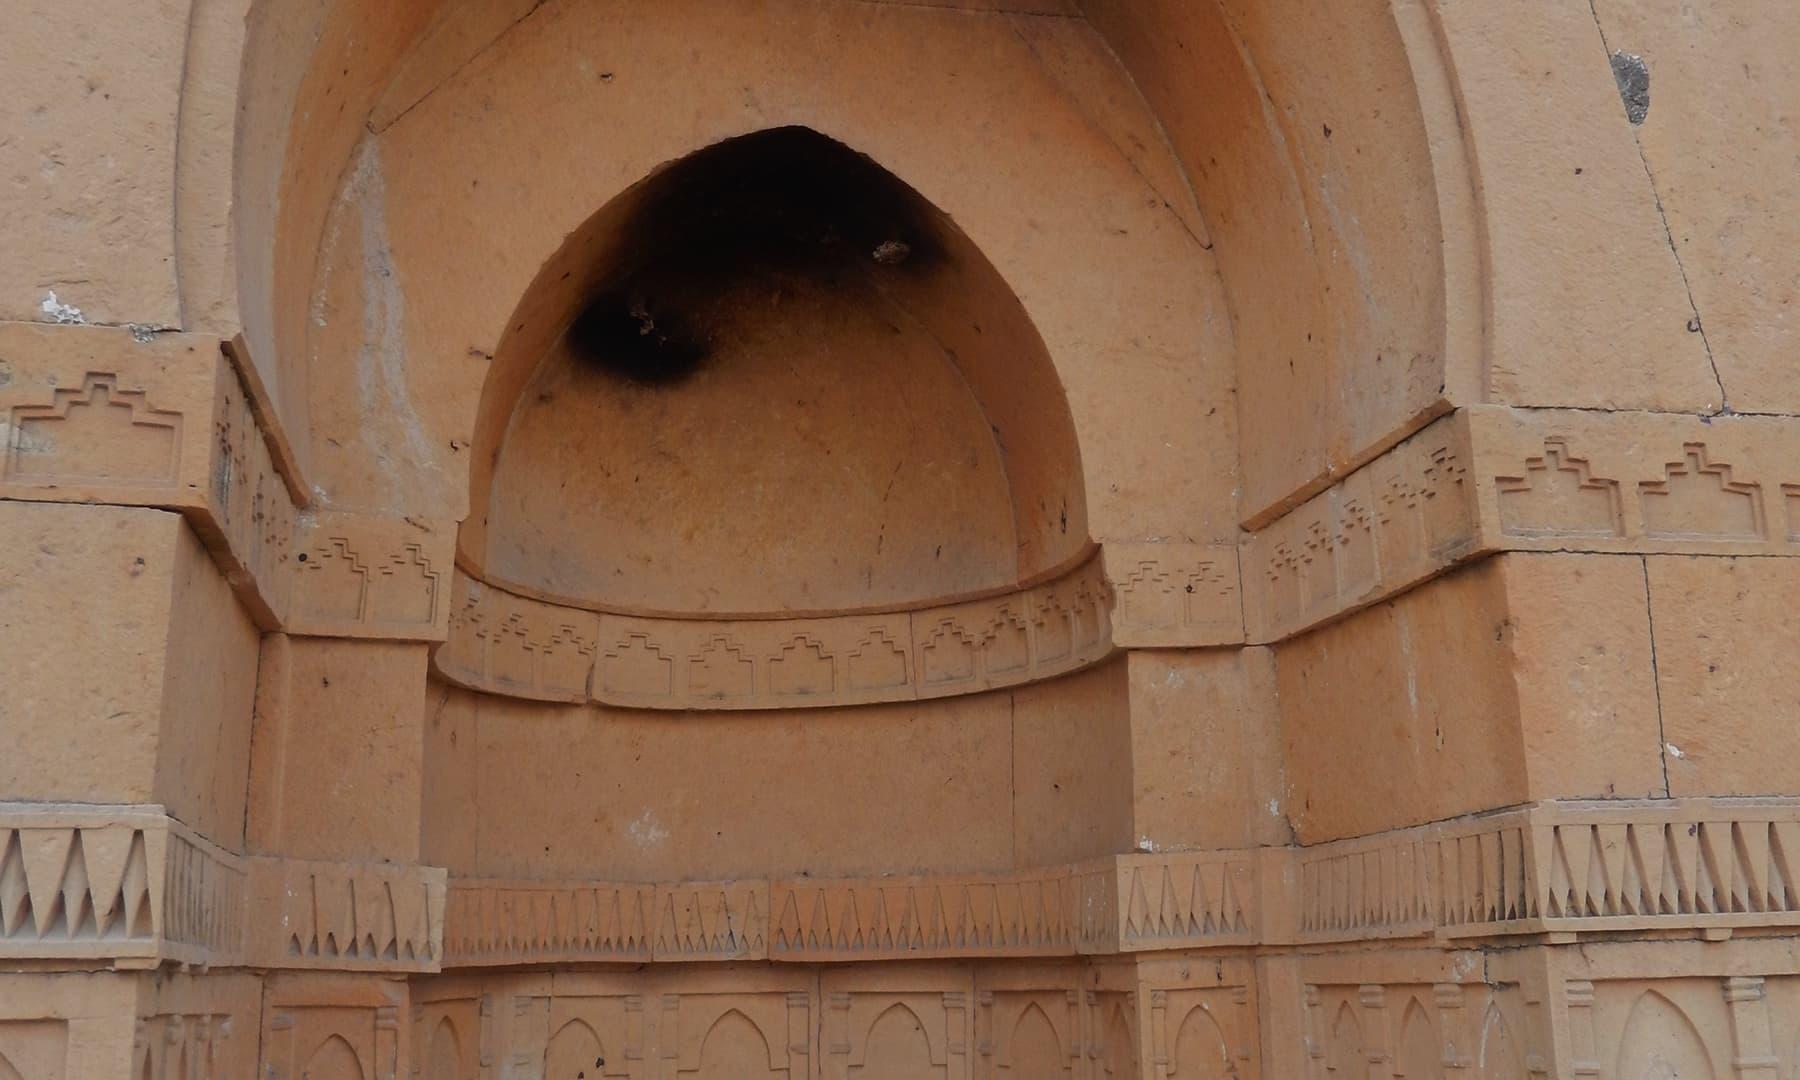 مقبرے کی چاردیواری میں موجود محرابوں پر عمدہ سنگ تراشی — تصویر ابوبکر شیخ